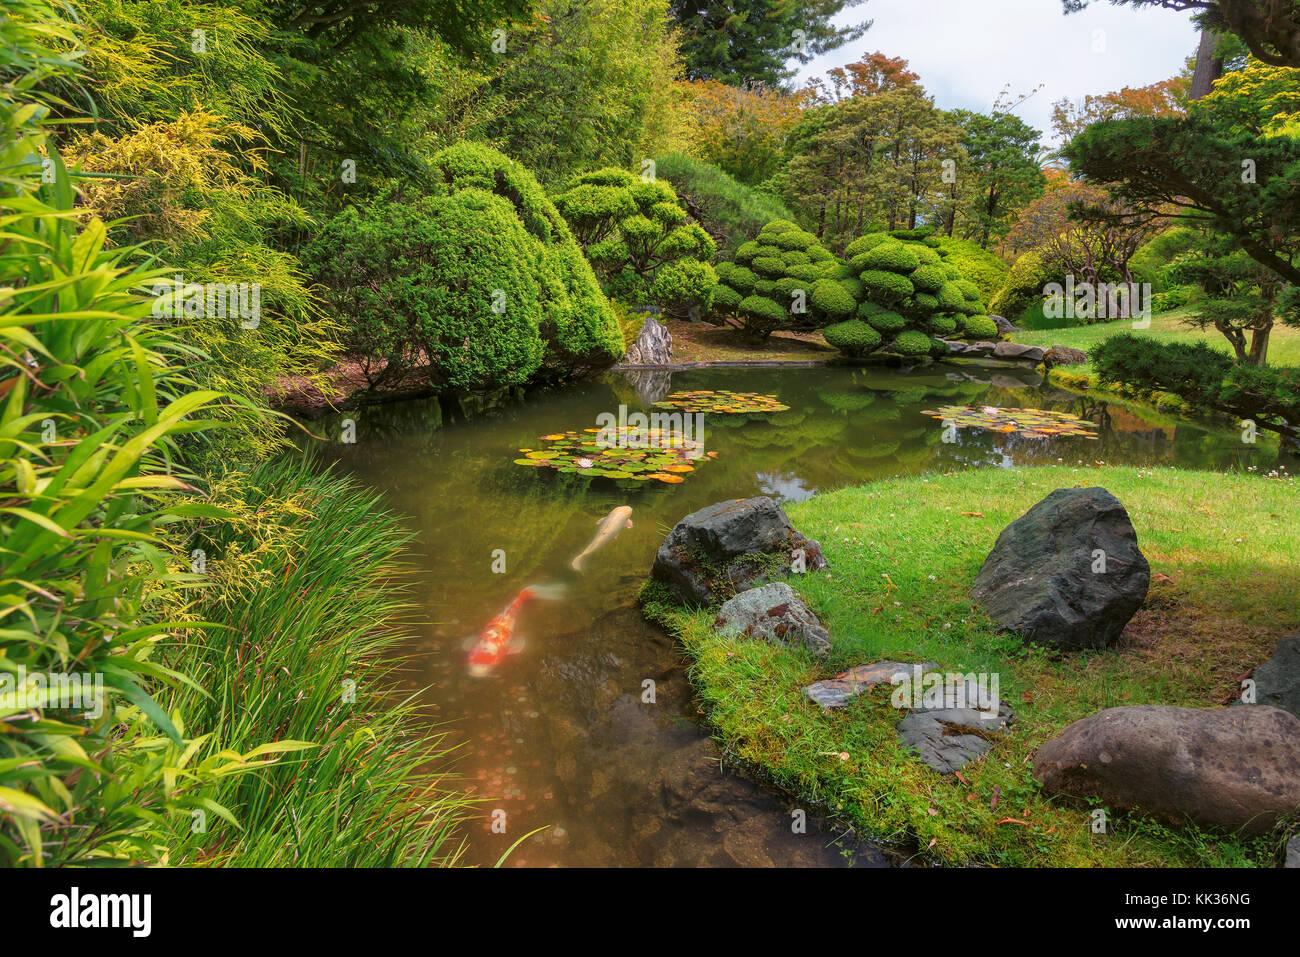 japanese garden fish japan tea garden stock photos japan tea garden stock